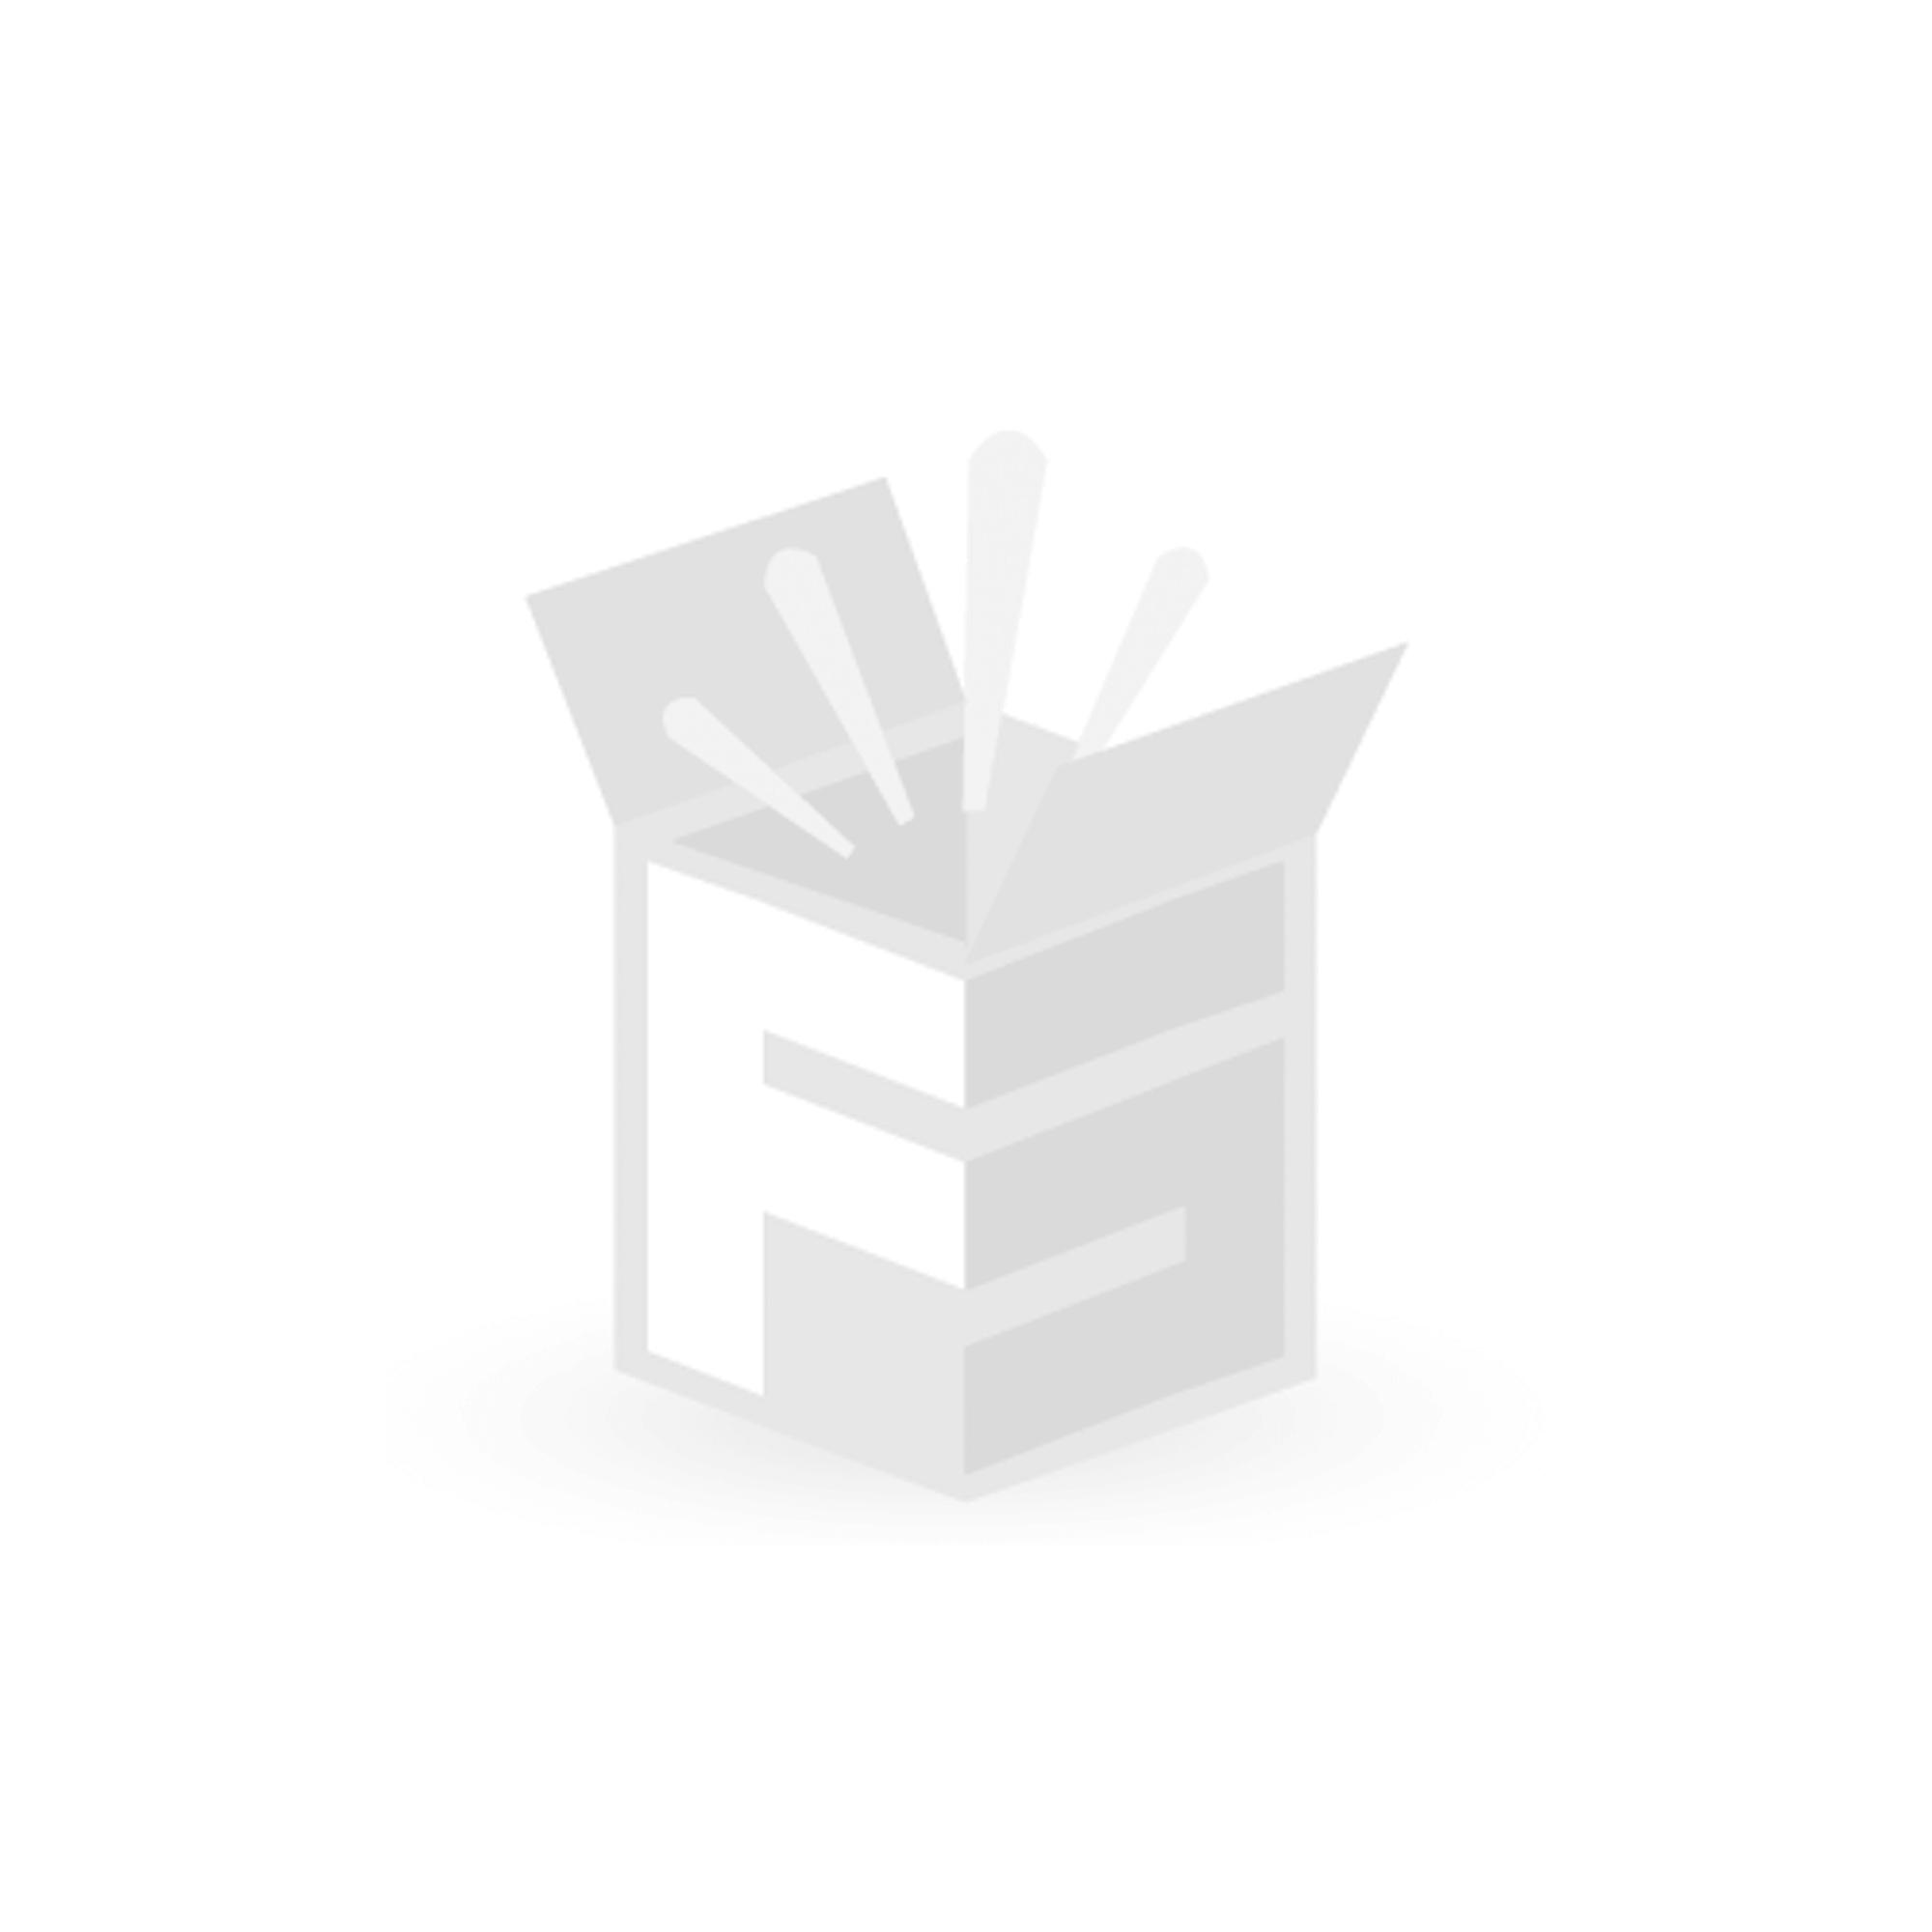 DOR Reisekissen mit PE-Kügelchen-Füllung, 32 x 30 cm